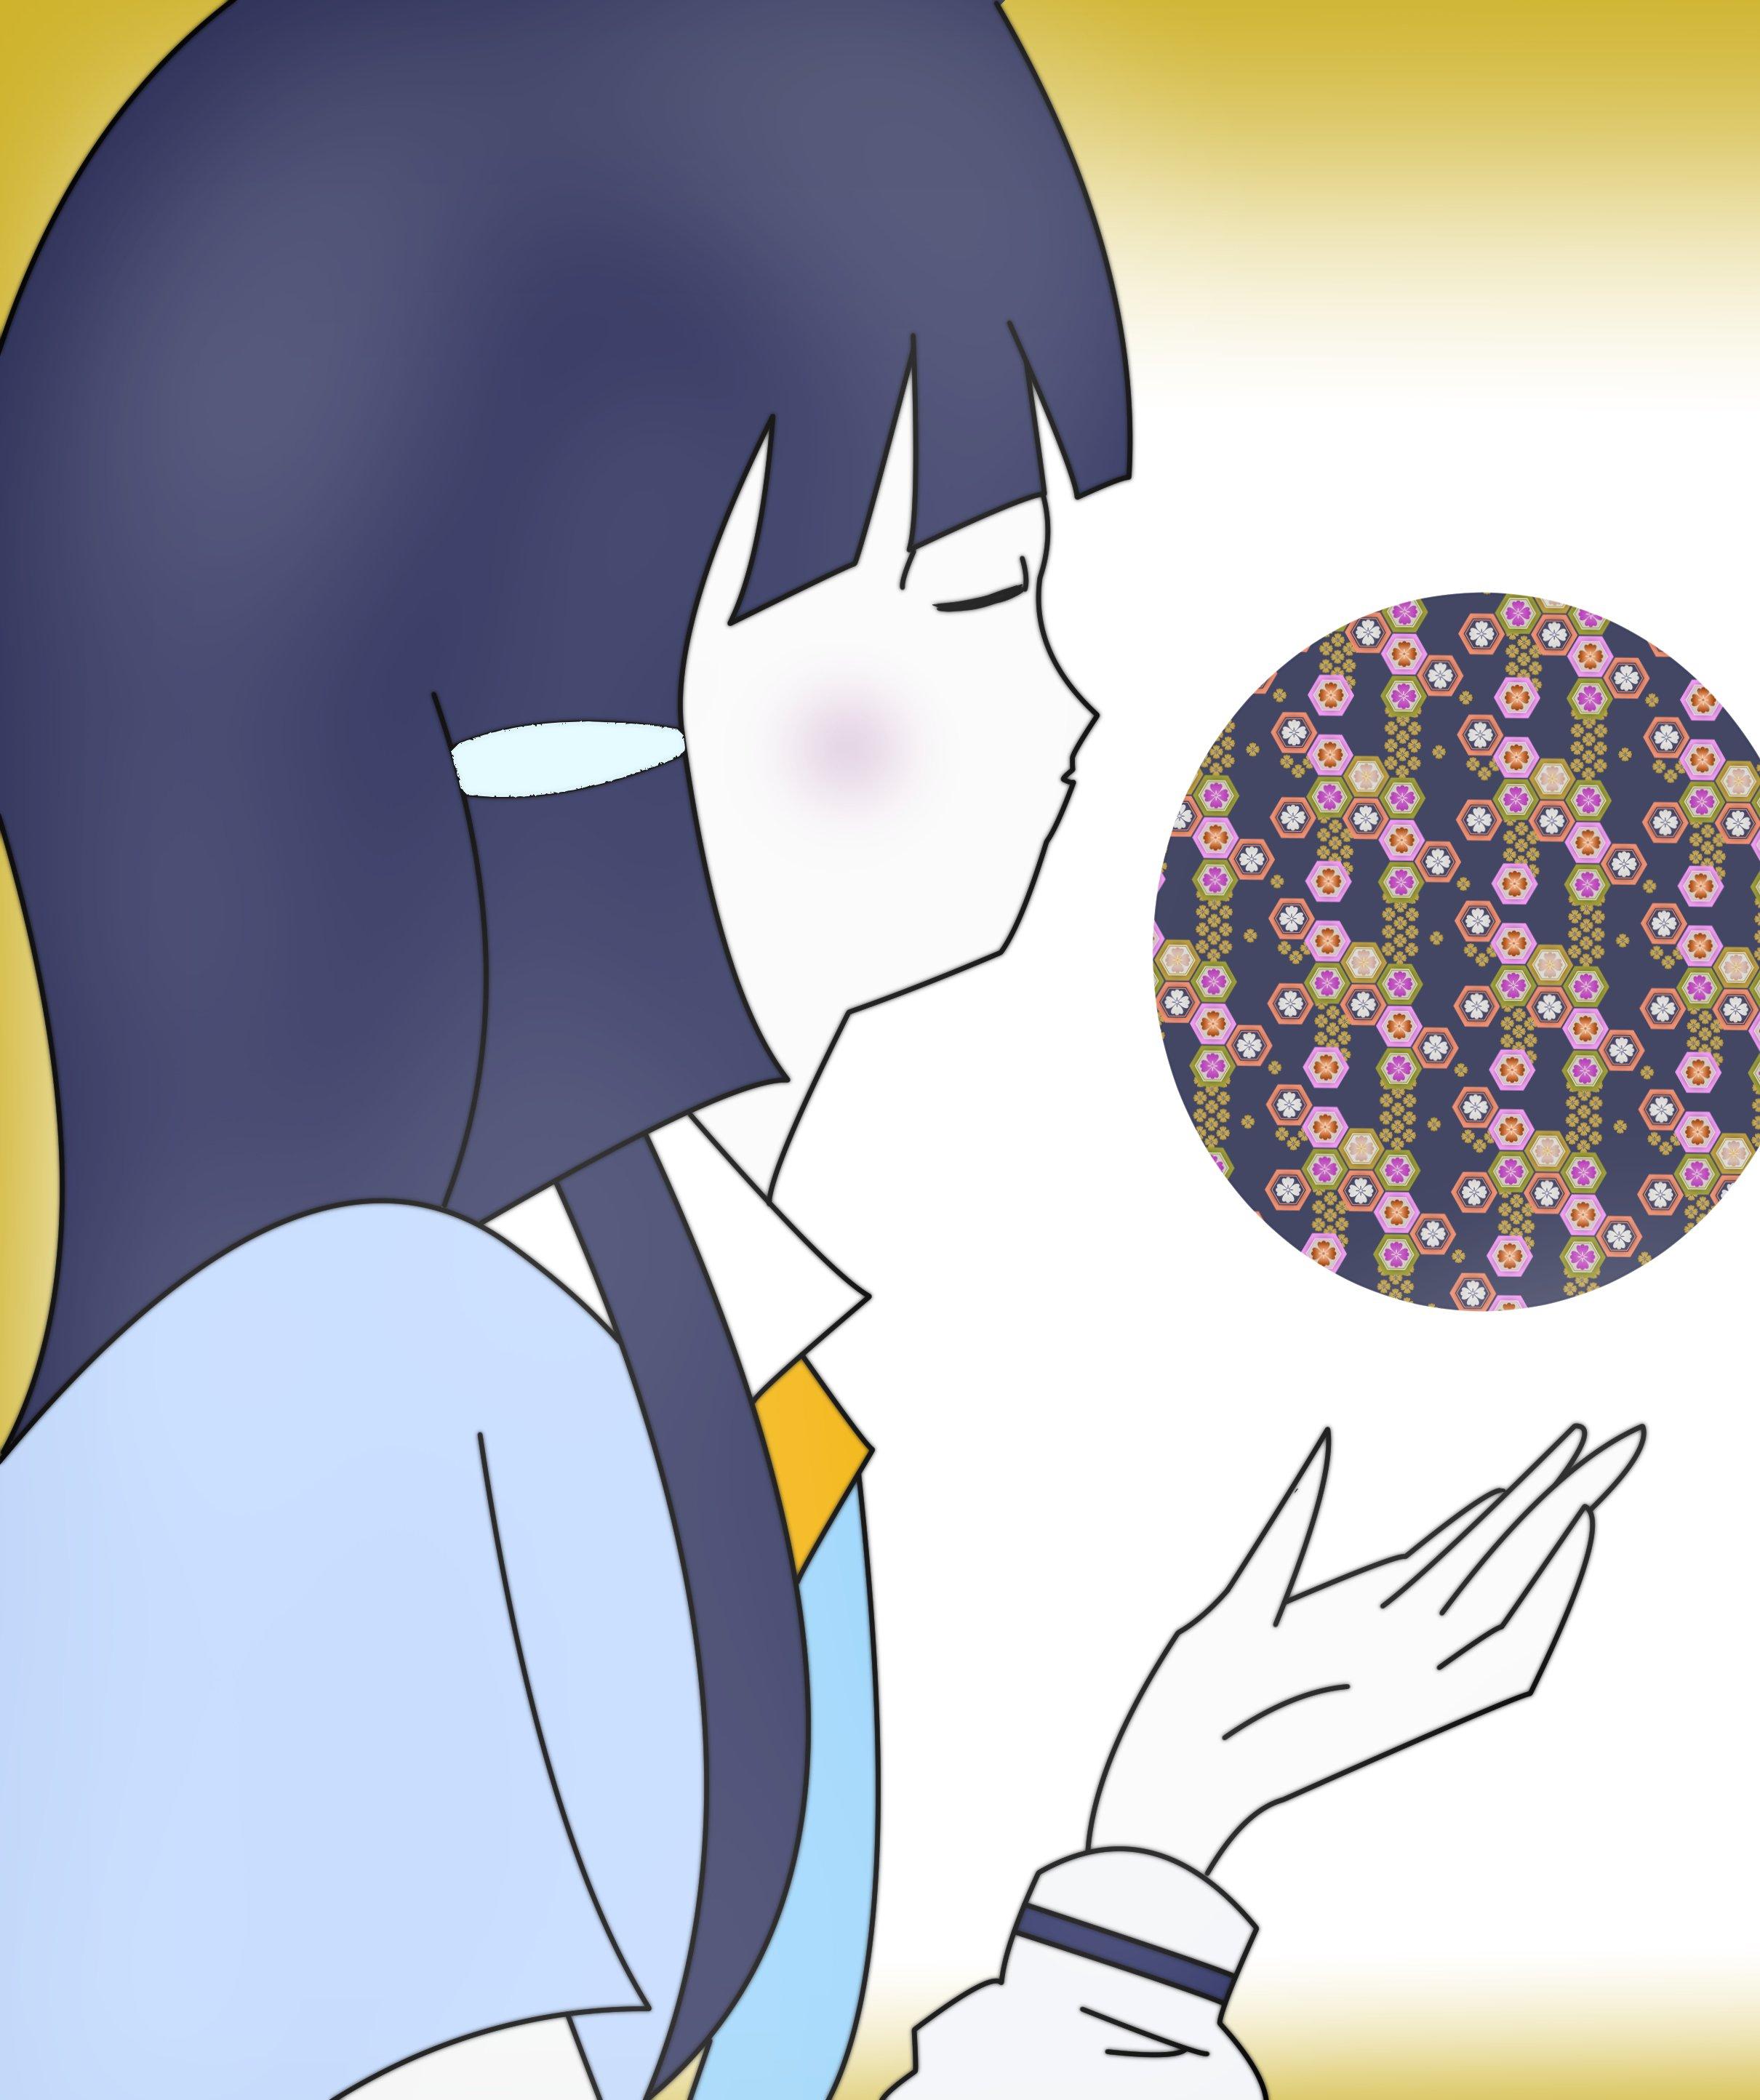 柊にゃんにゃん@ロースカツ柊 (@LOVEDDR_NyanCat)さんのイラスト